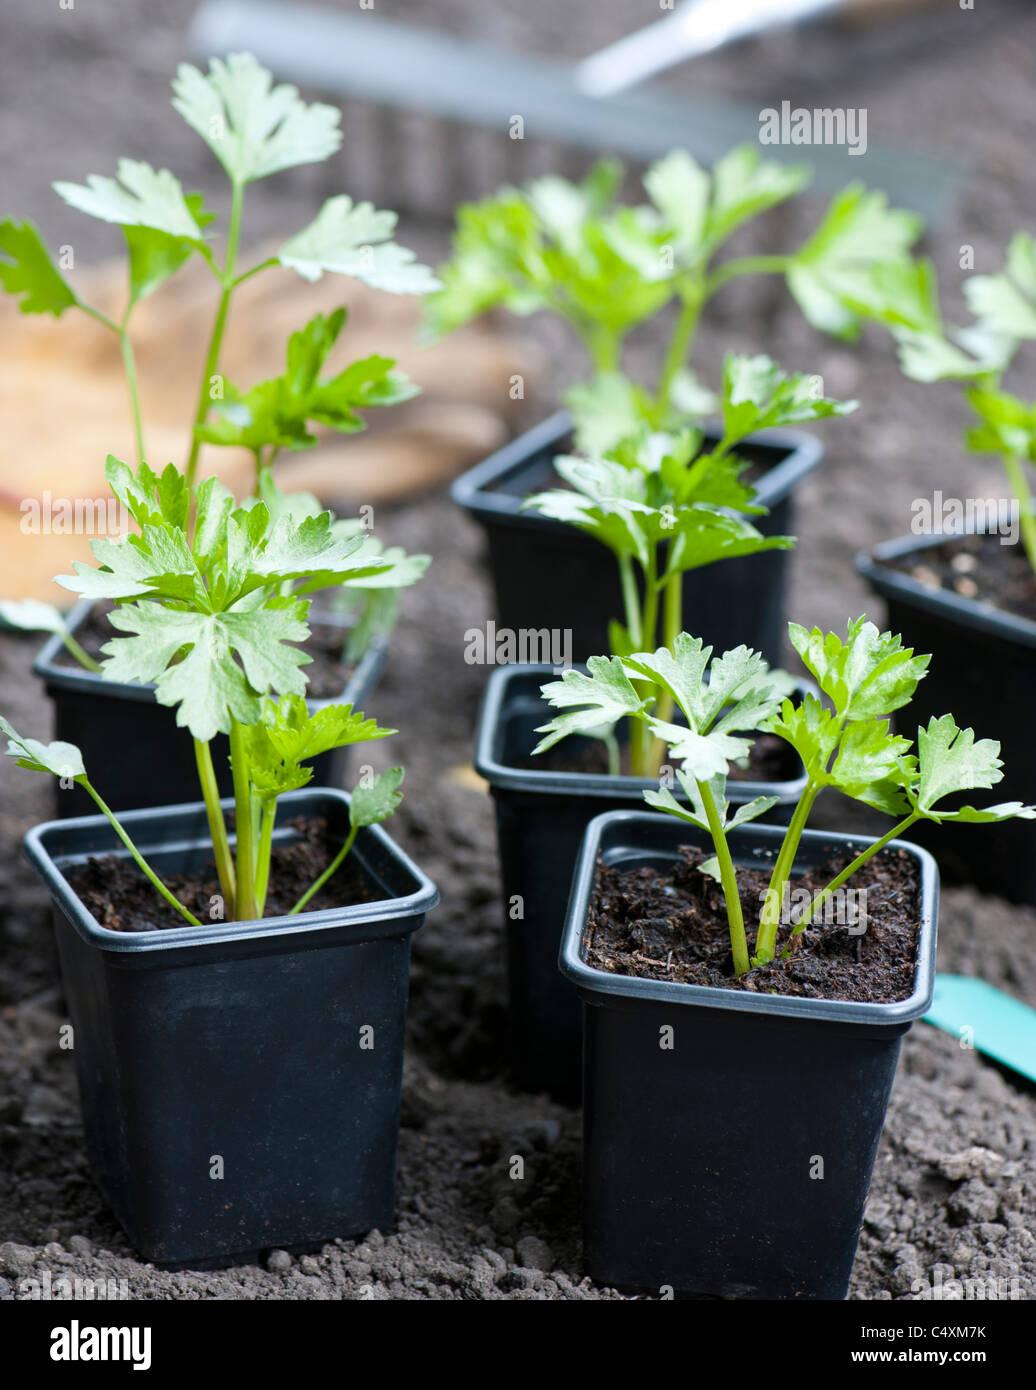 Giovani piante di sedano rapa gigante (Praga) pronti per la semina in giardino Immagini Stock